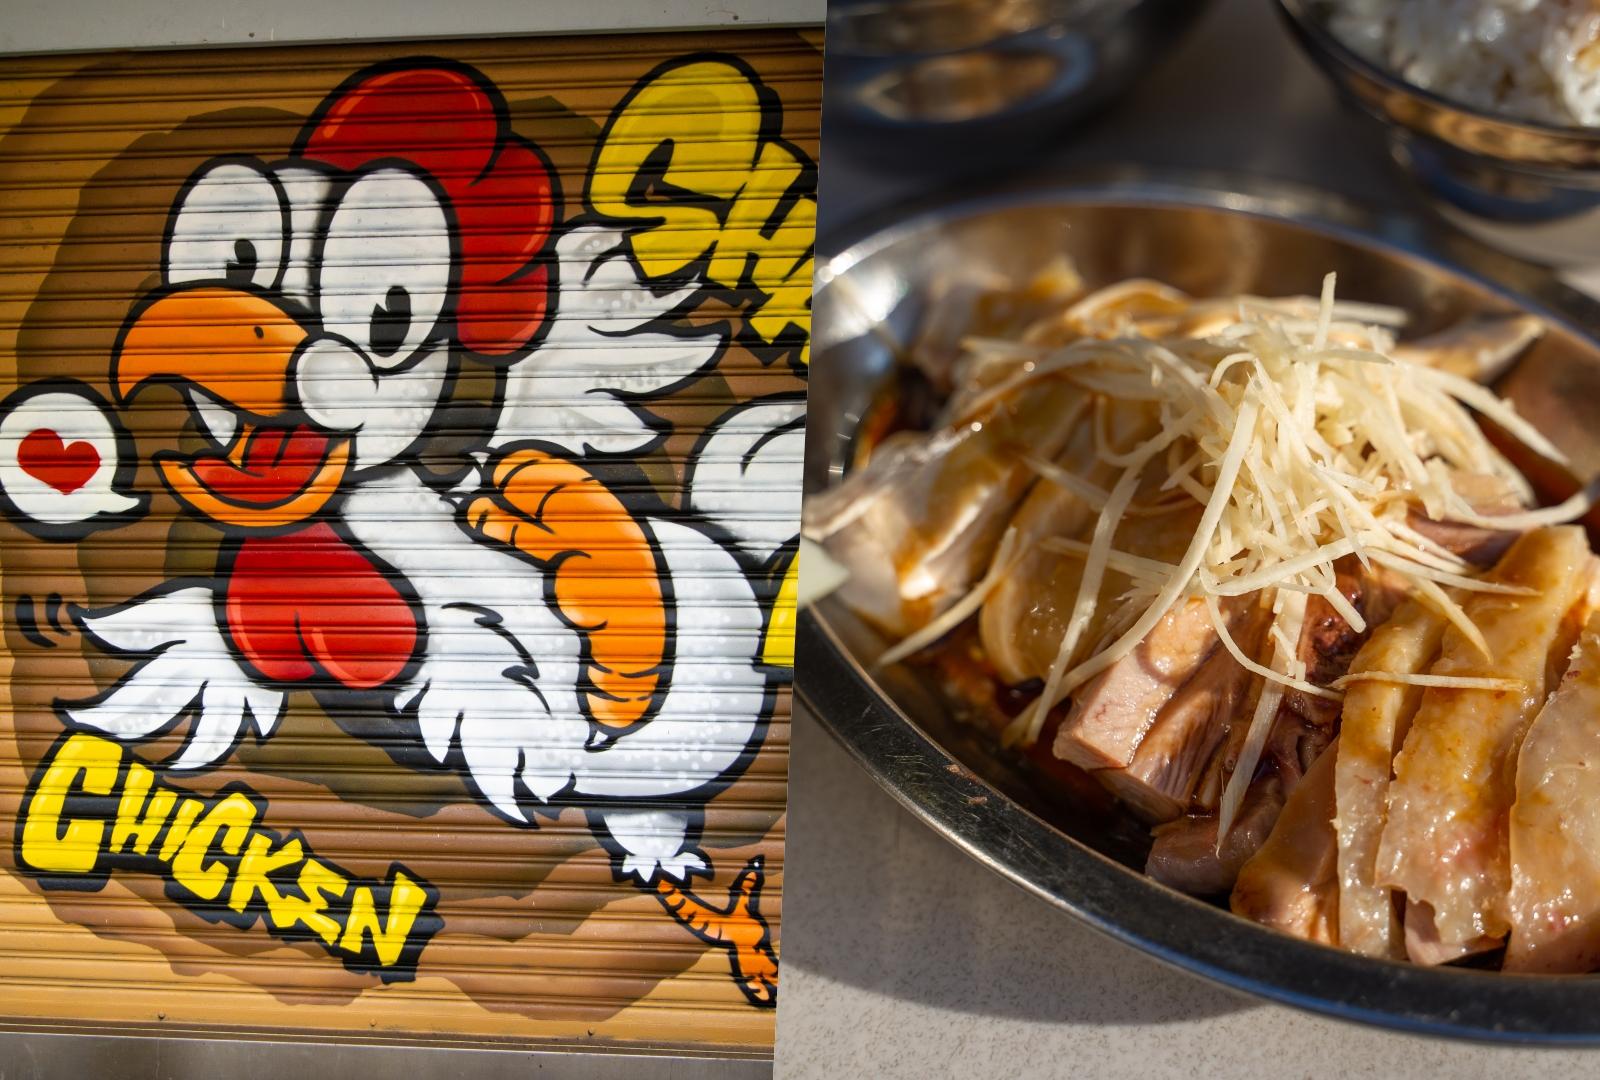 米其林認證~南機場夜市裡一位難求的雞肉專賣店要開分店囉!!!山內雞肉古亭店